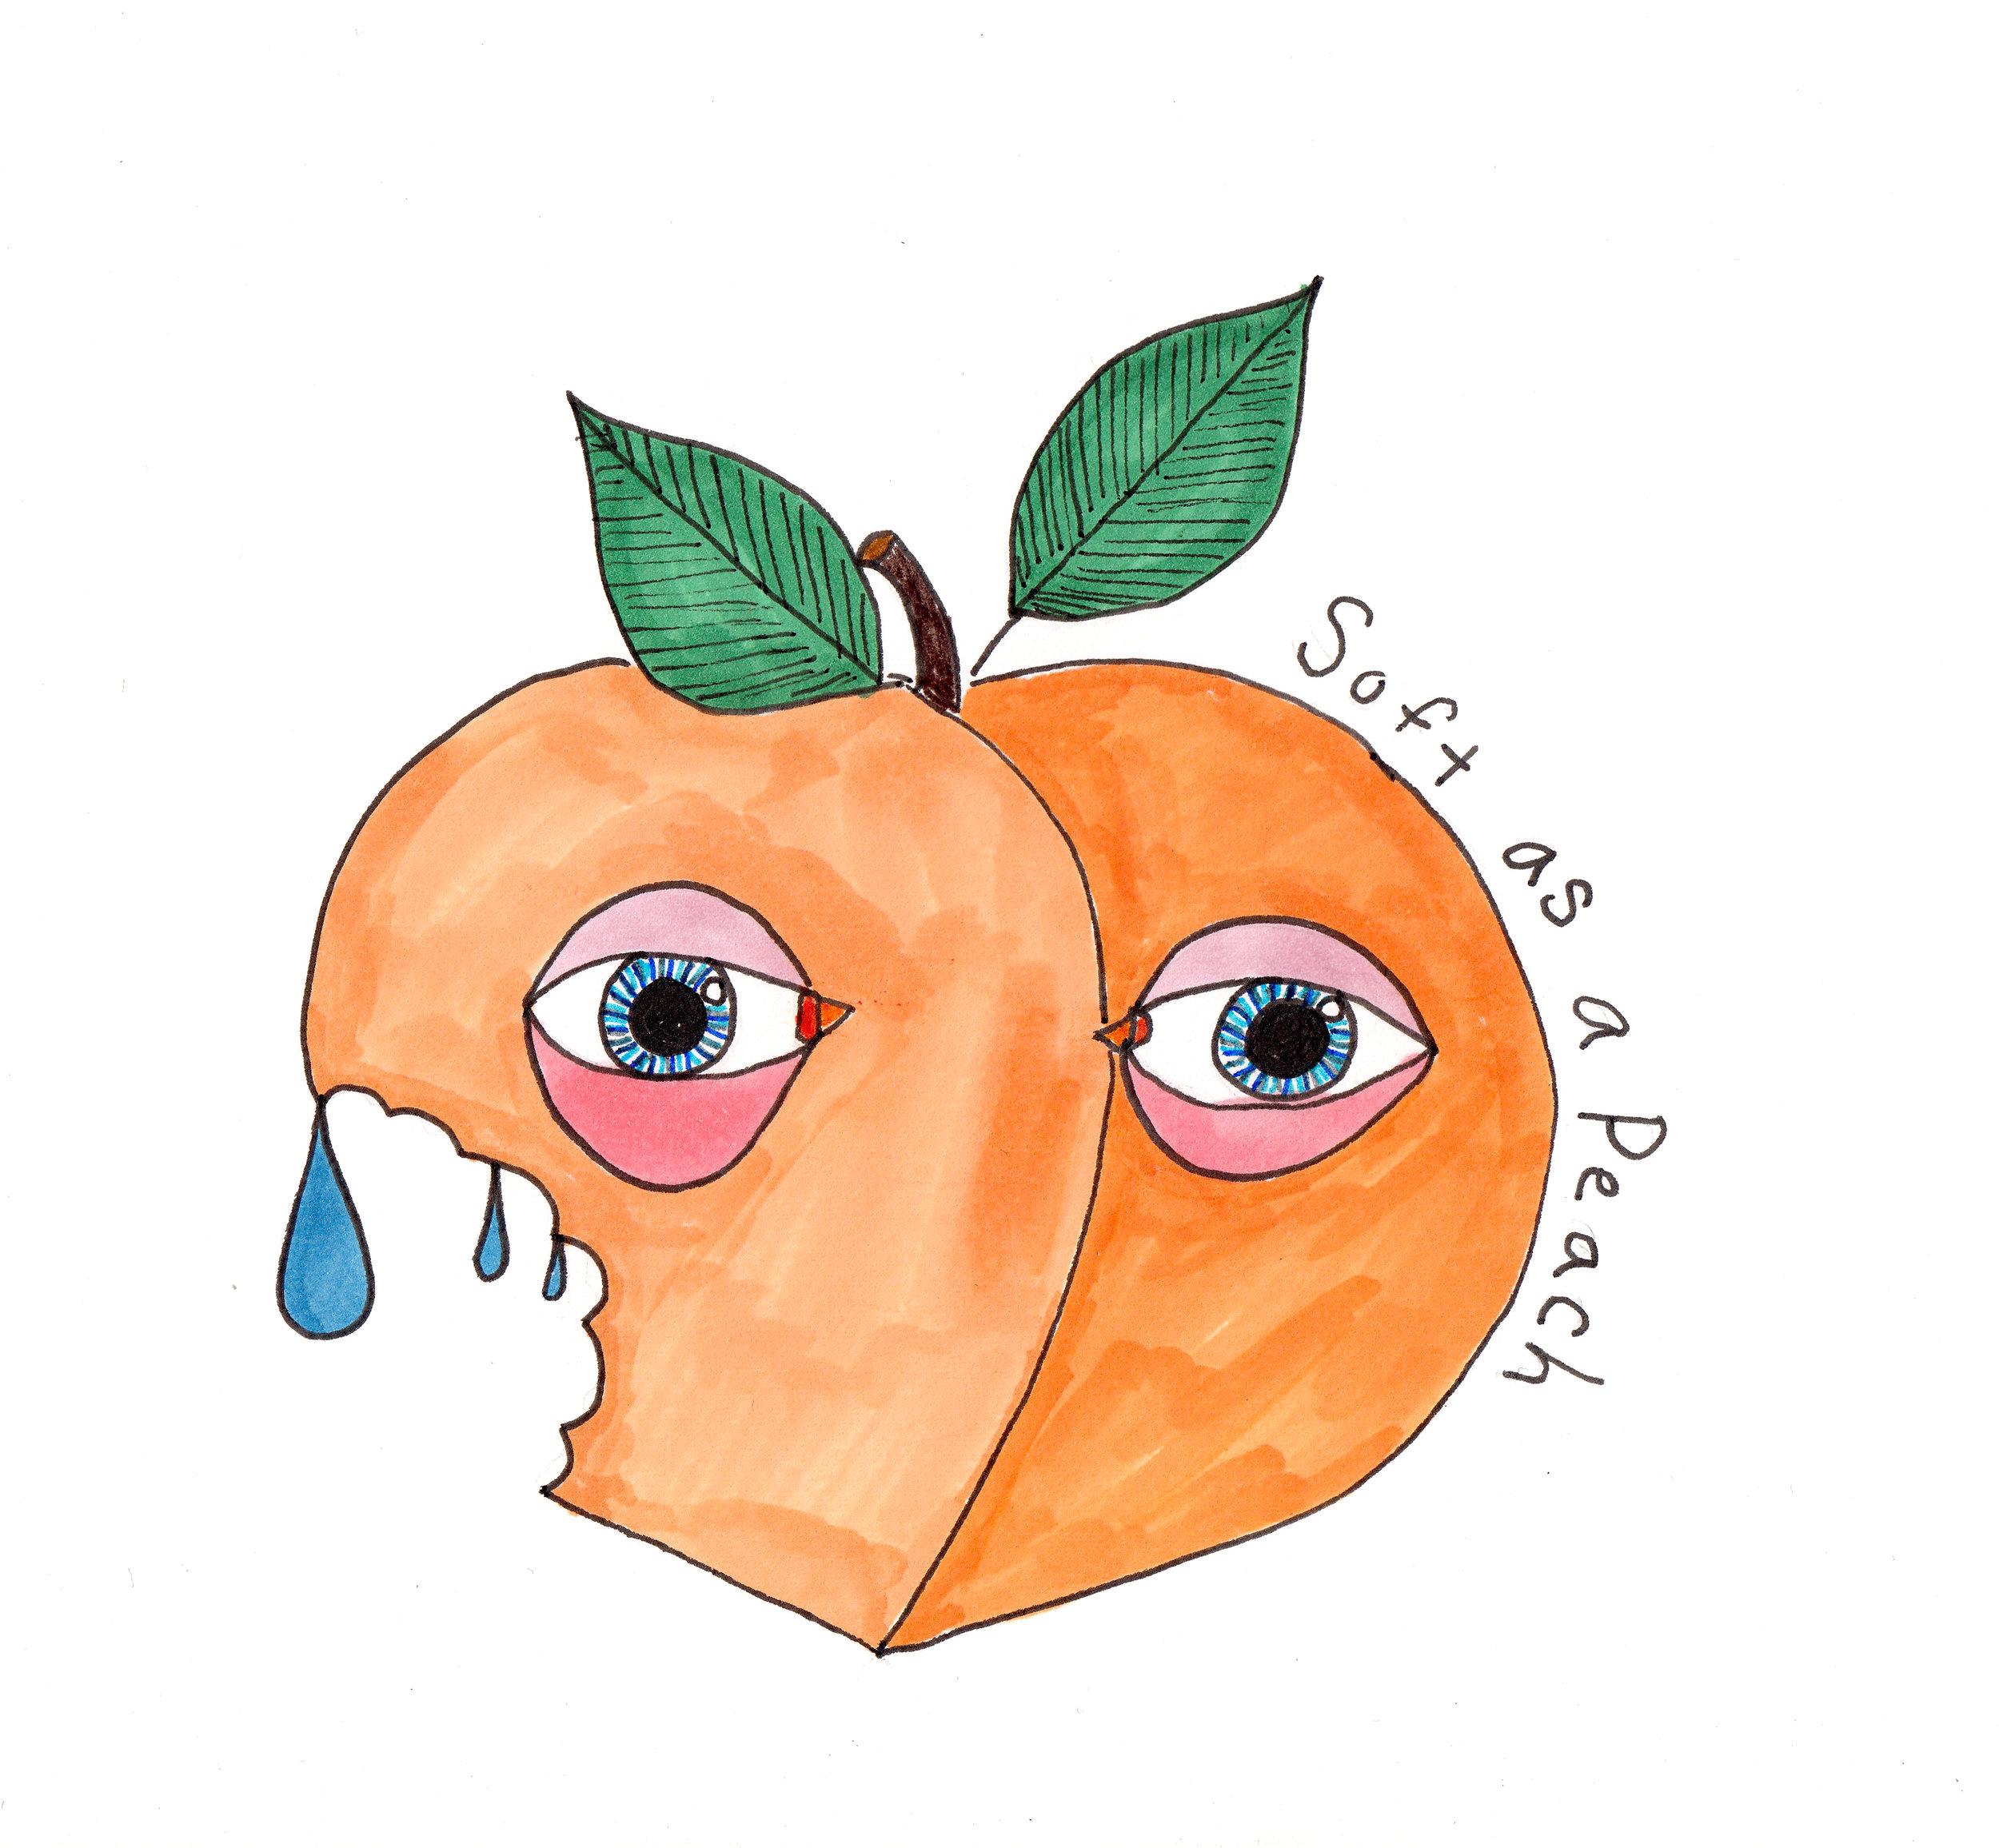 Soft as a peach tatt online.jpeg